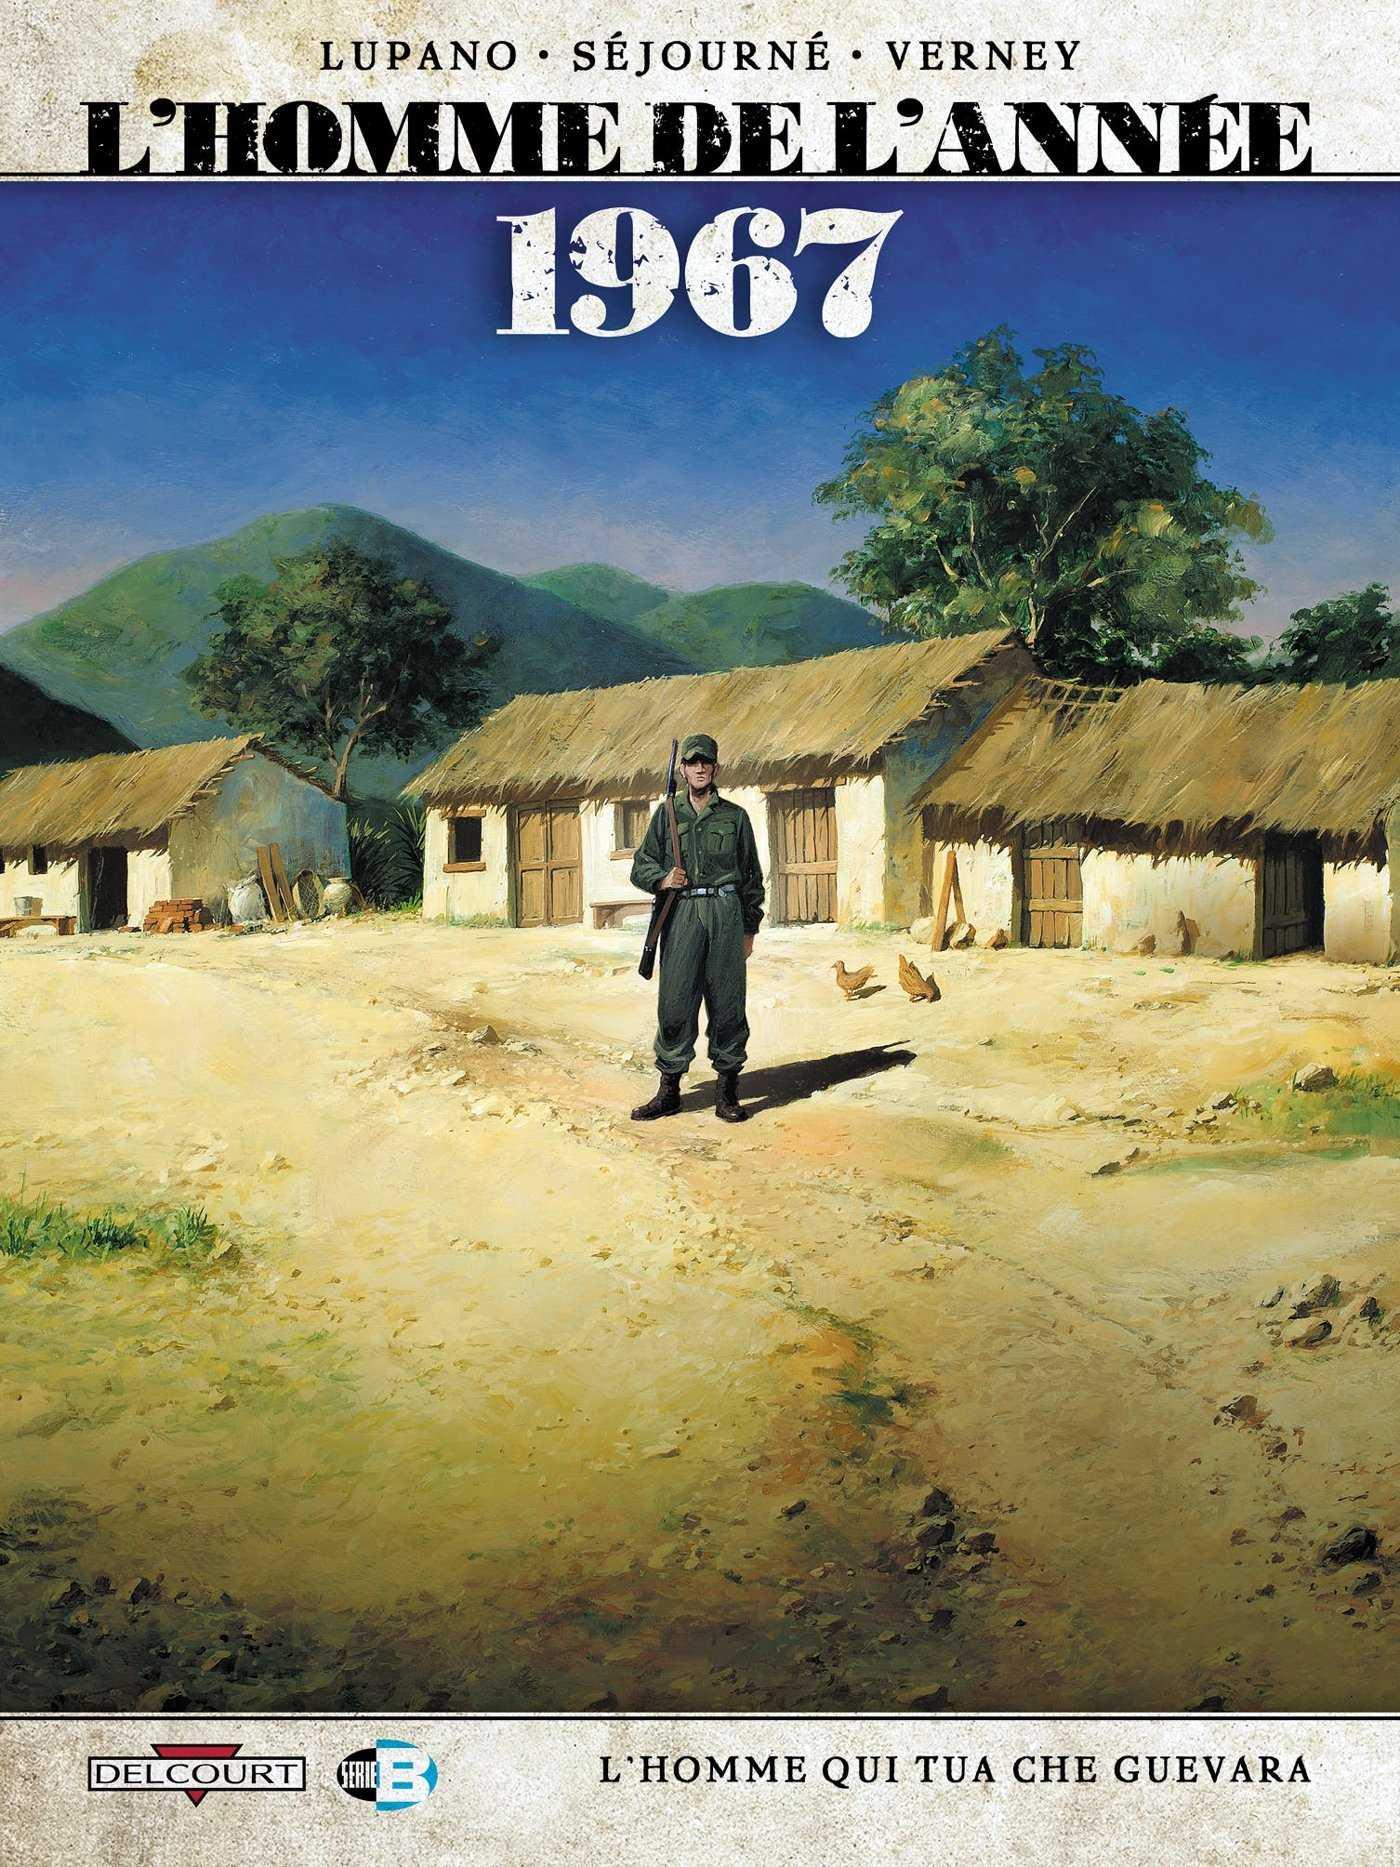 L'Homme de l'année 1967, la mort du Che